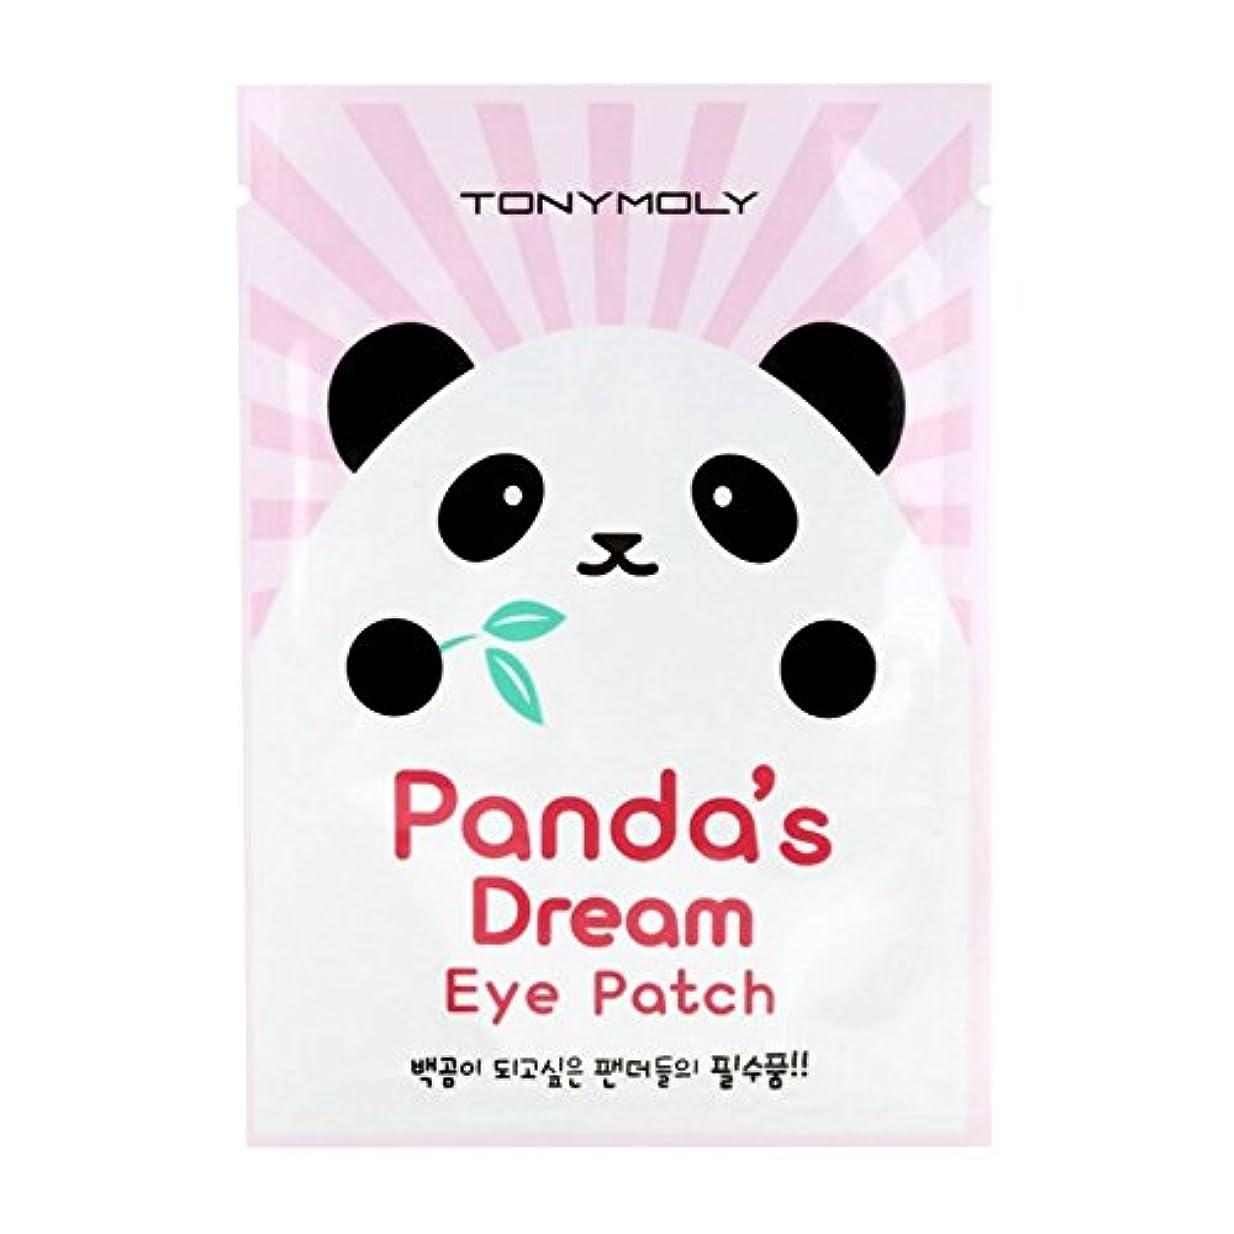 注入する子孫掃除(3 Pack) TONYMOLY Panda's Dream Eye Patch (並行輸入品)